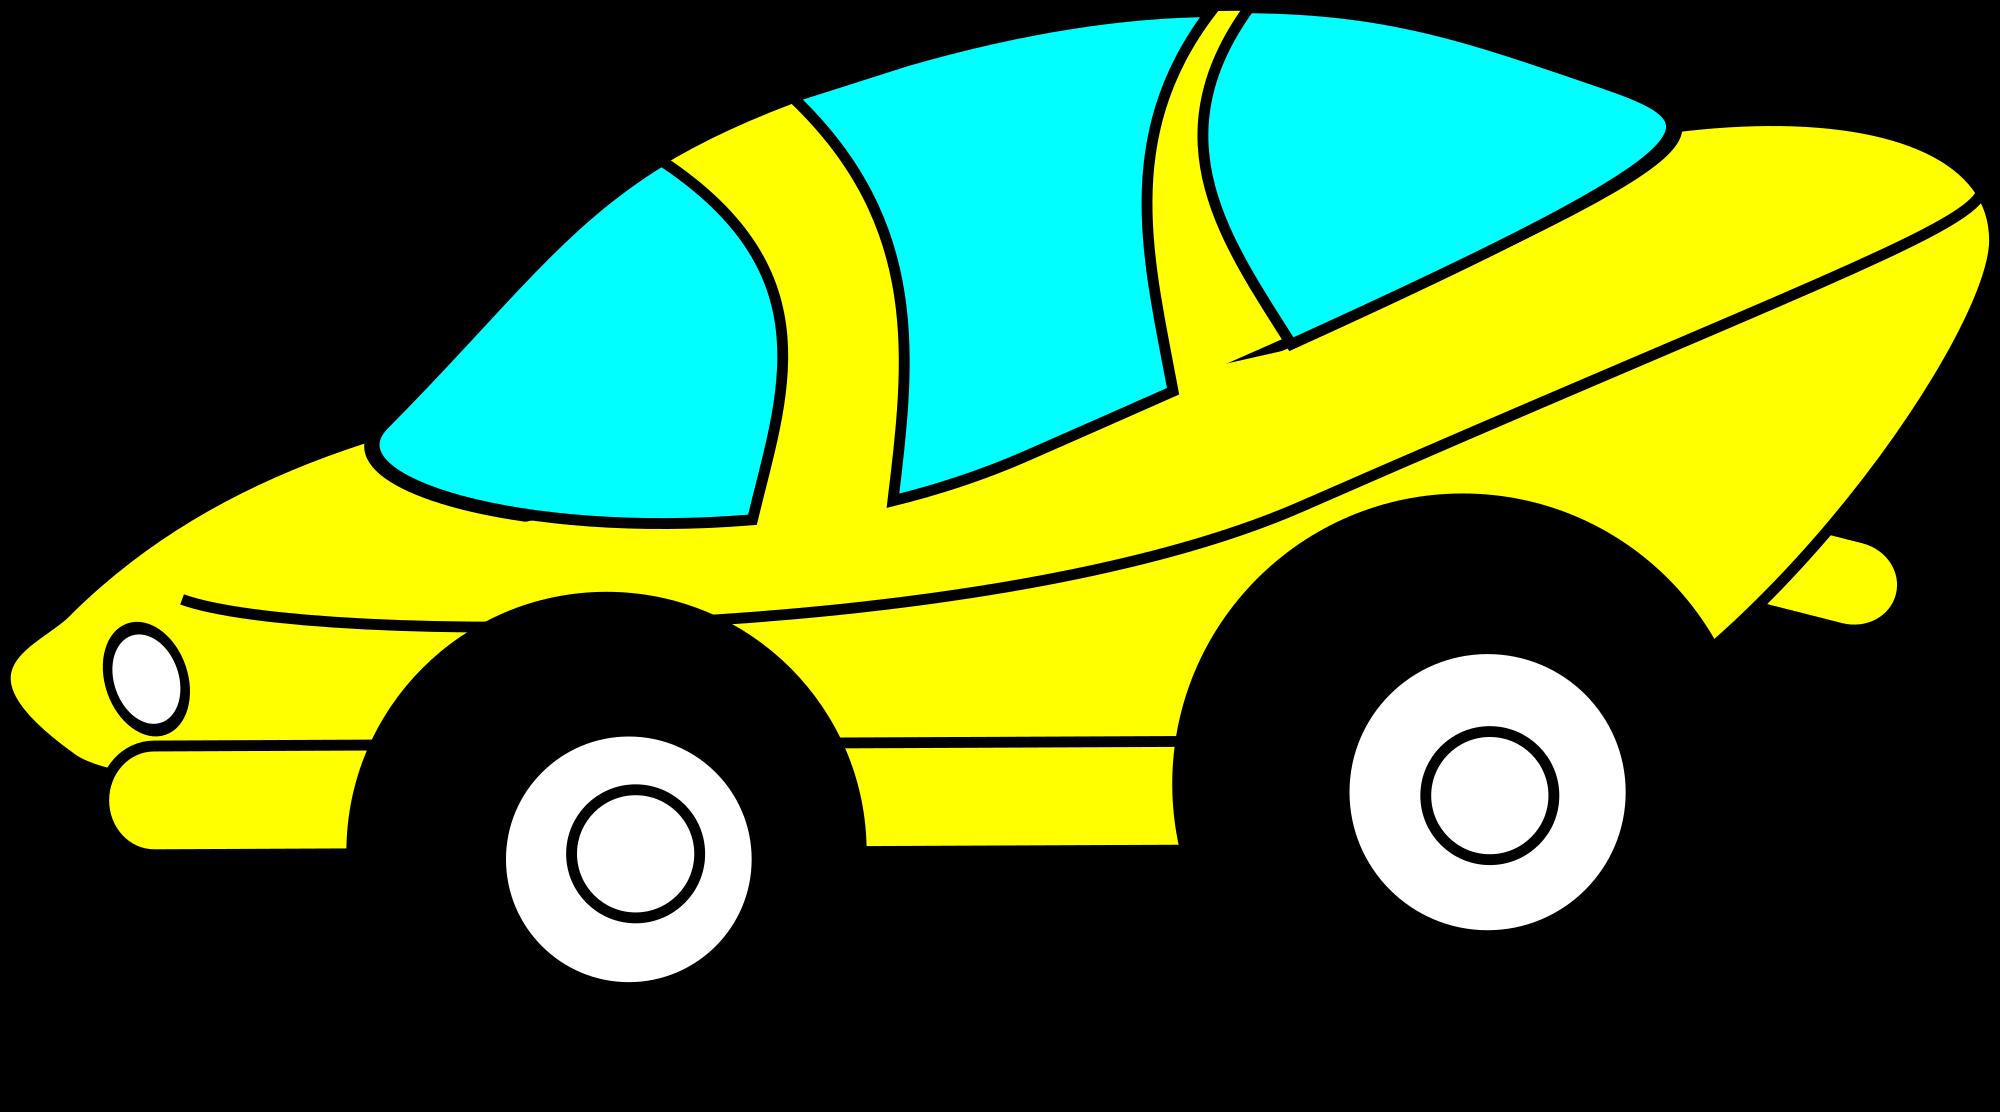 Race car racing car clip art free vector freevectors clipartcow 4